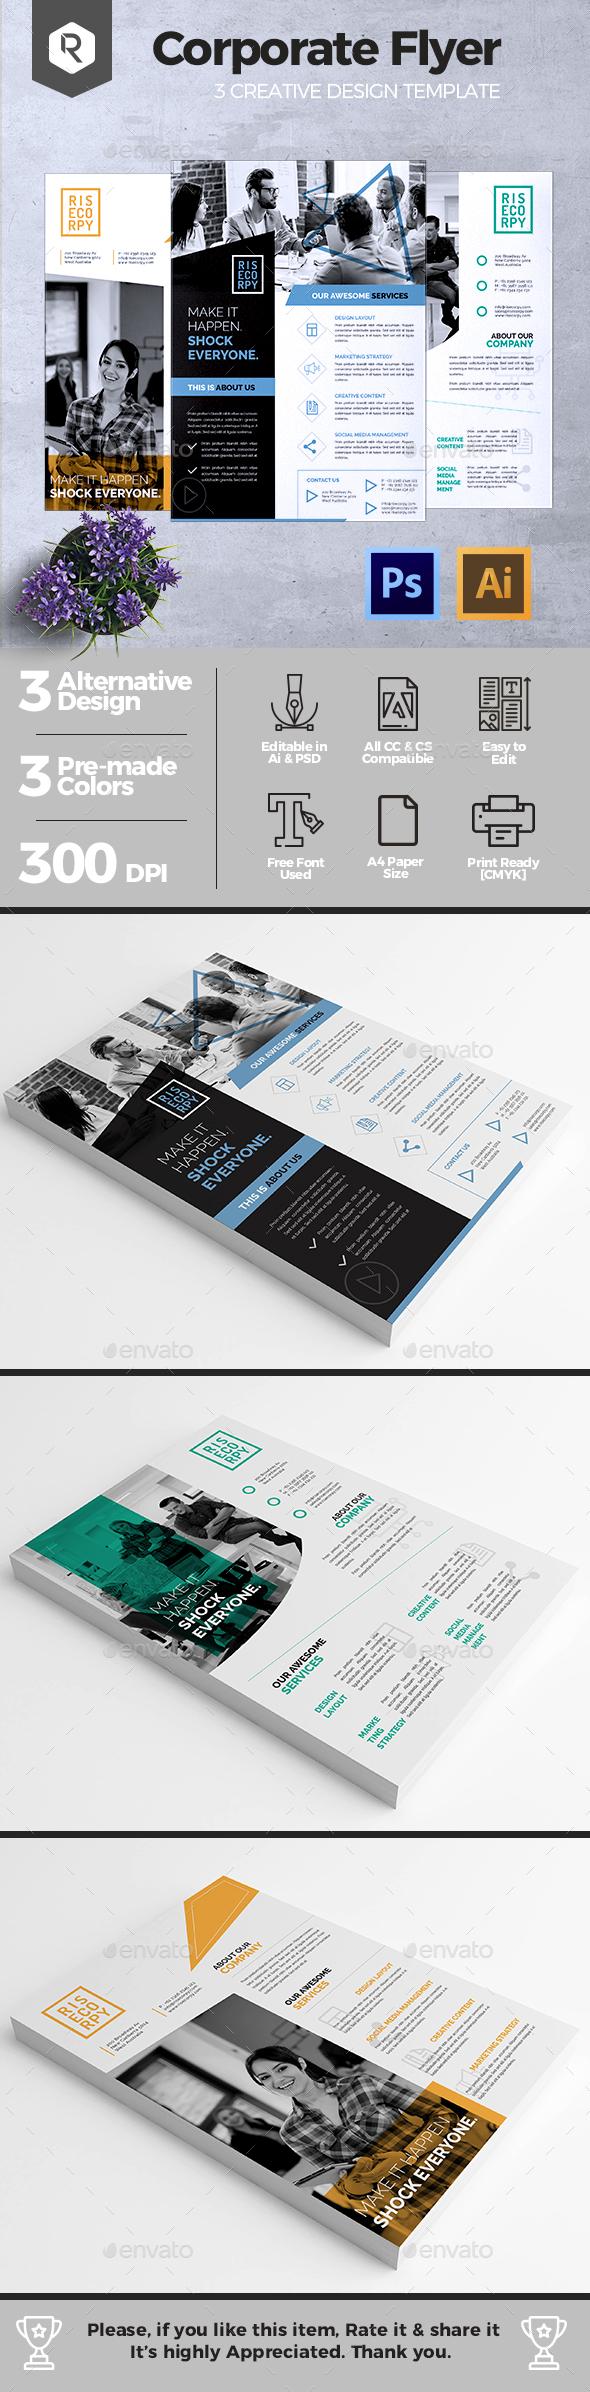 Creative Corporate Flyer Vol. 03 - Corporate Brochures